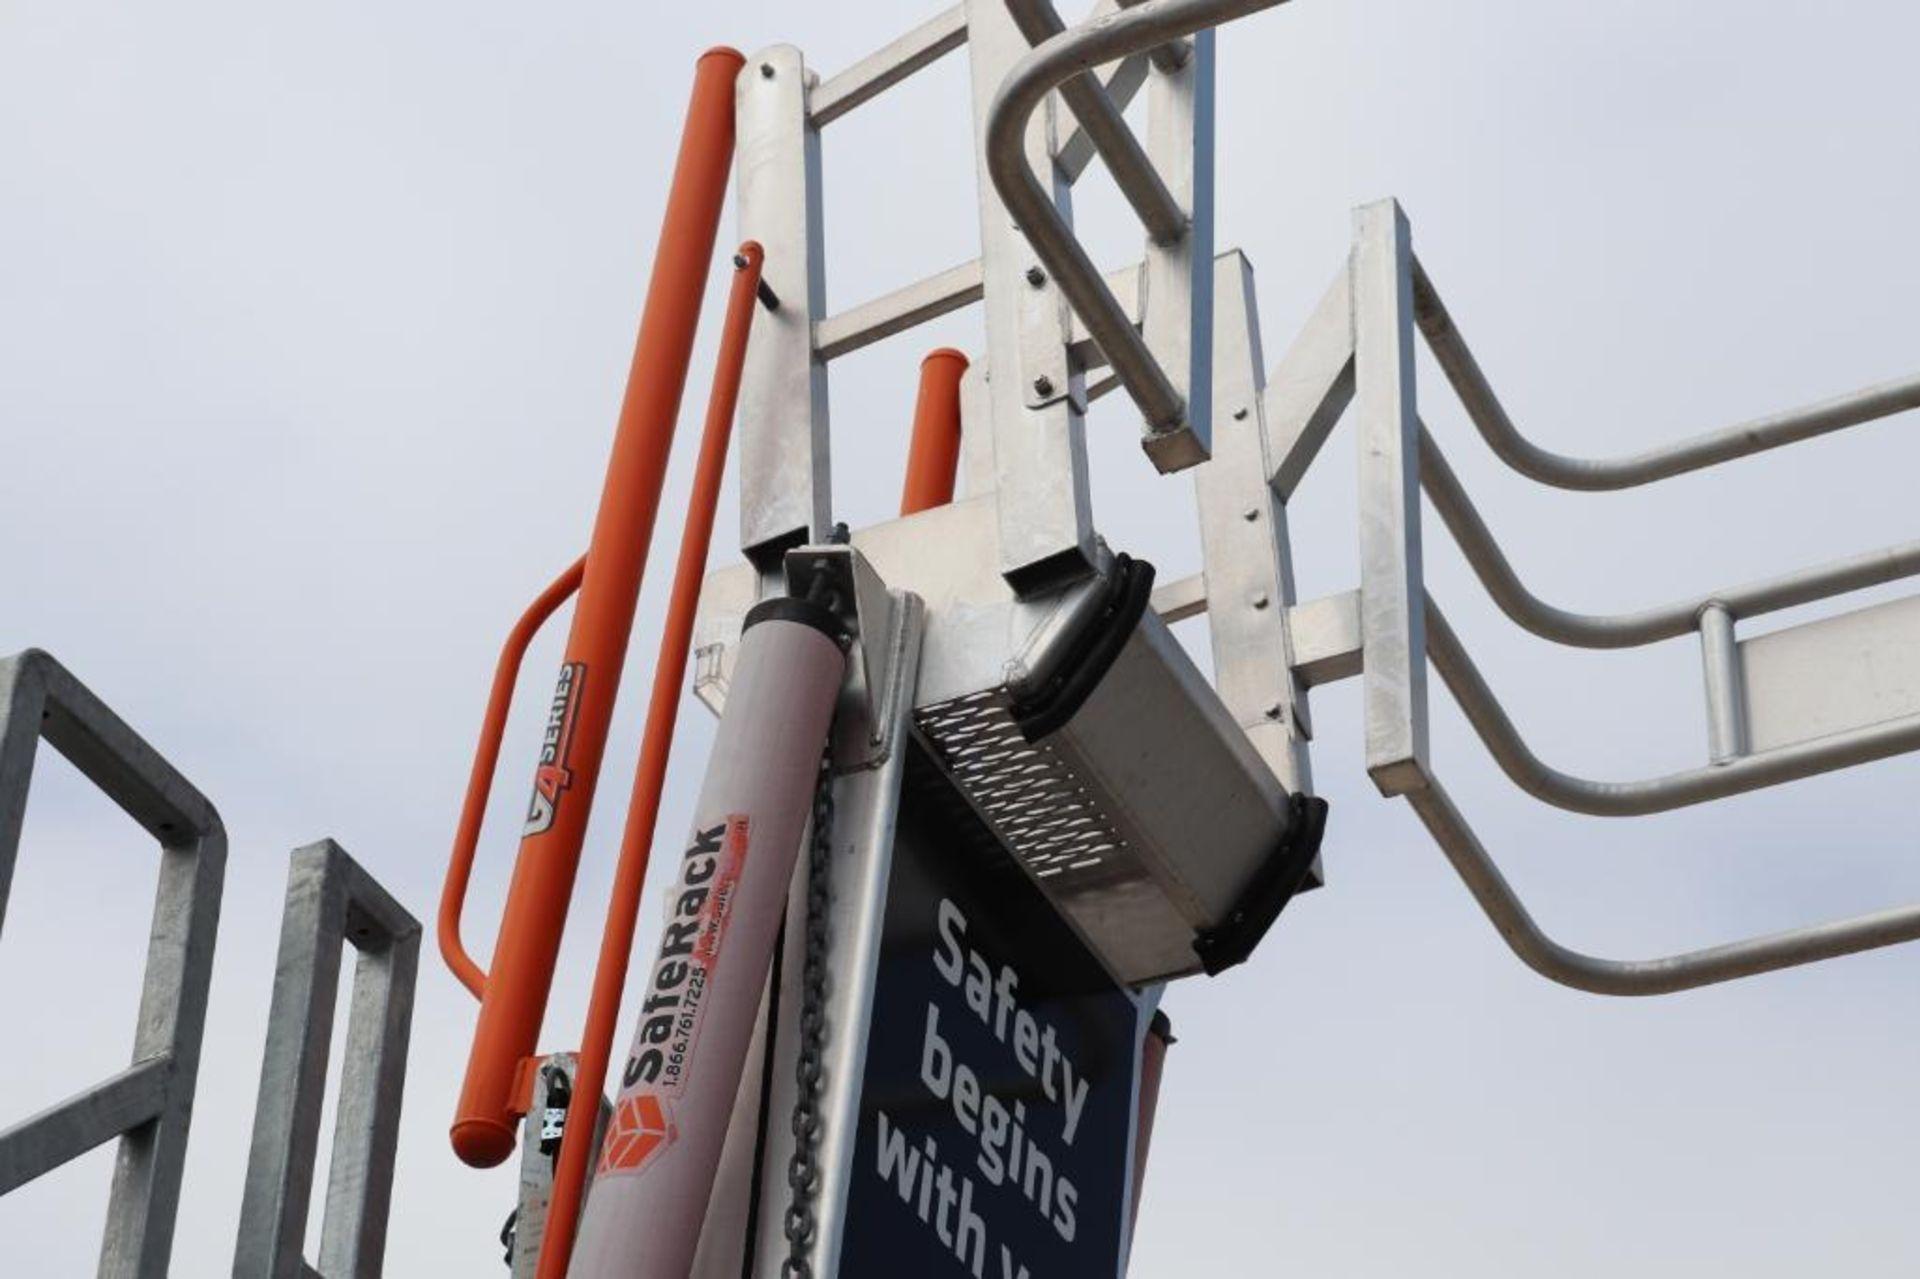 SafeRack truck loading and unloading platform - Image 9 of 10